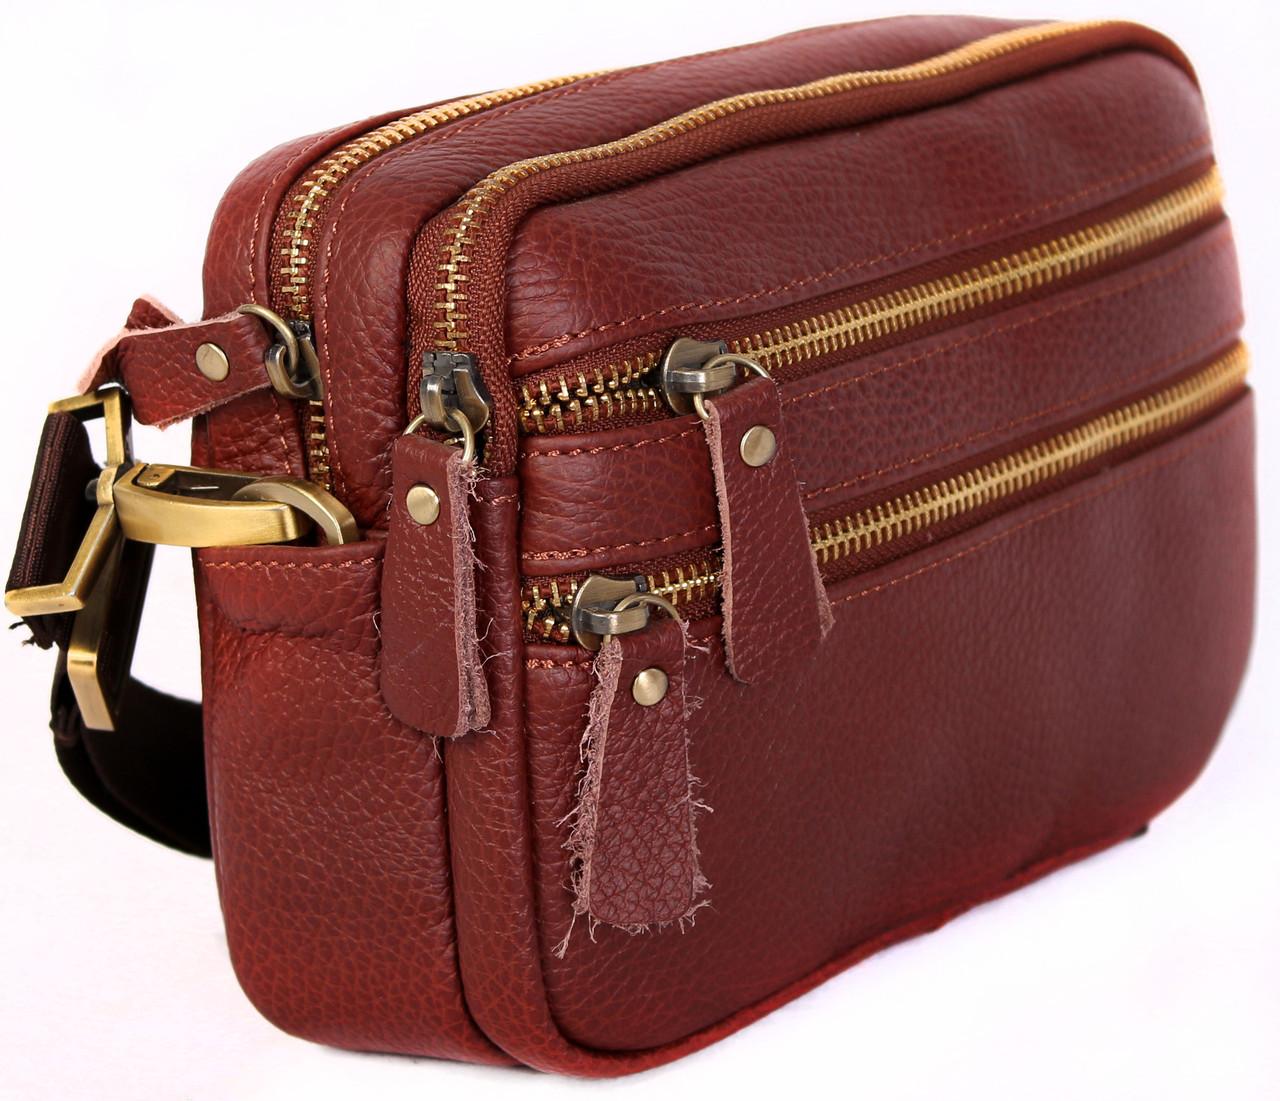 Многофункциональна мужская кожаная сумка 30118